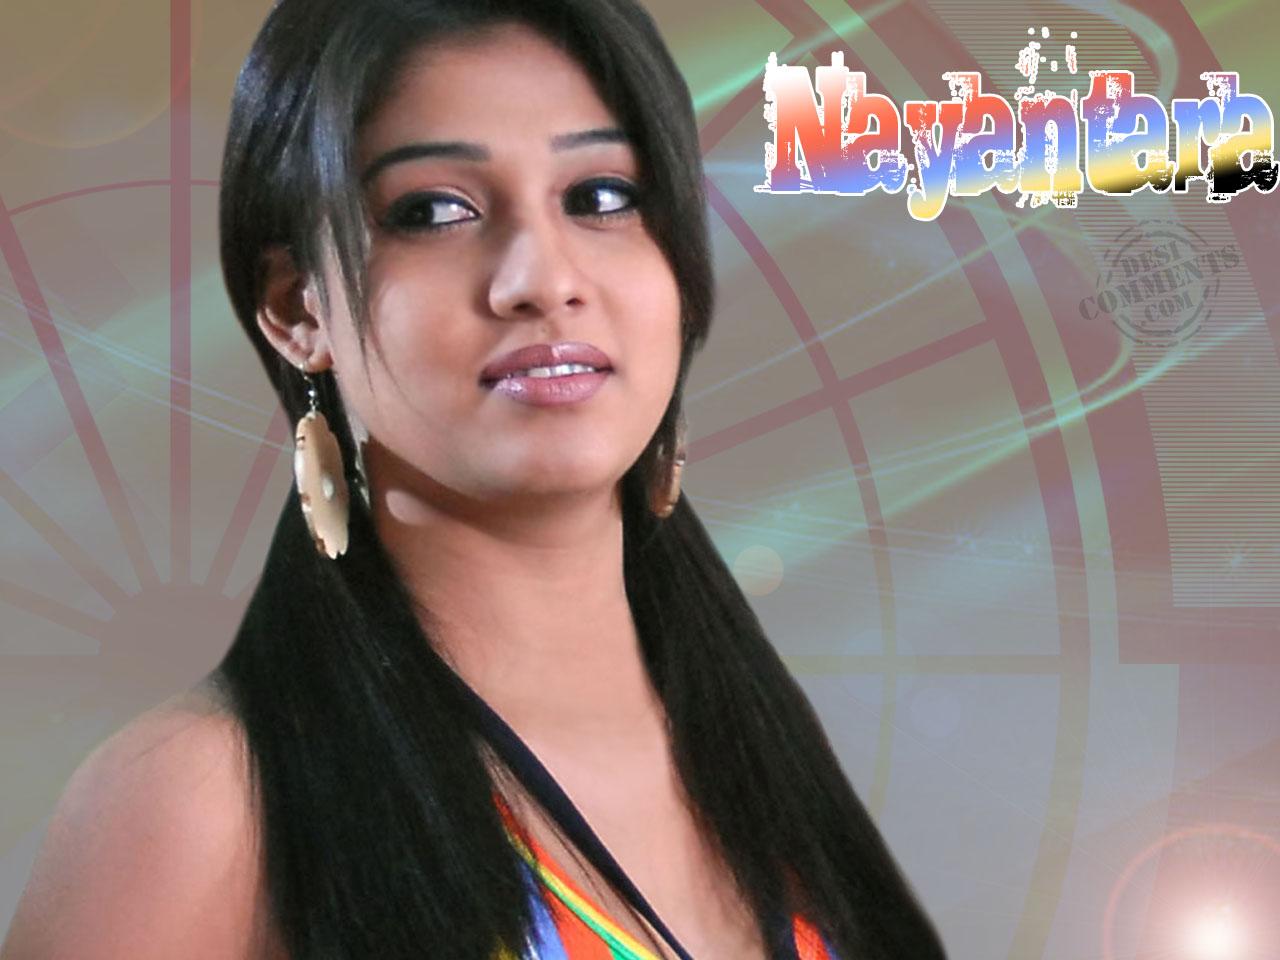 http://2.bp.blogspot.com/-13A_GZDPBik/TgmuomVA1gI/AAAAAAAAAZA/T0QZzj81uR0/s1600/Nayantara-Wallpaper-12.jpg